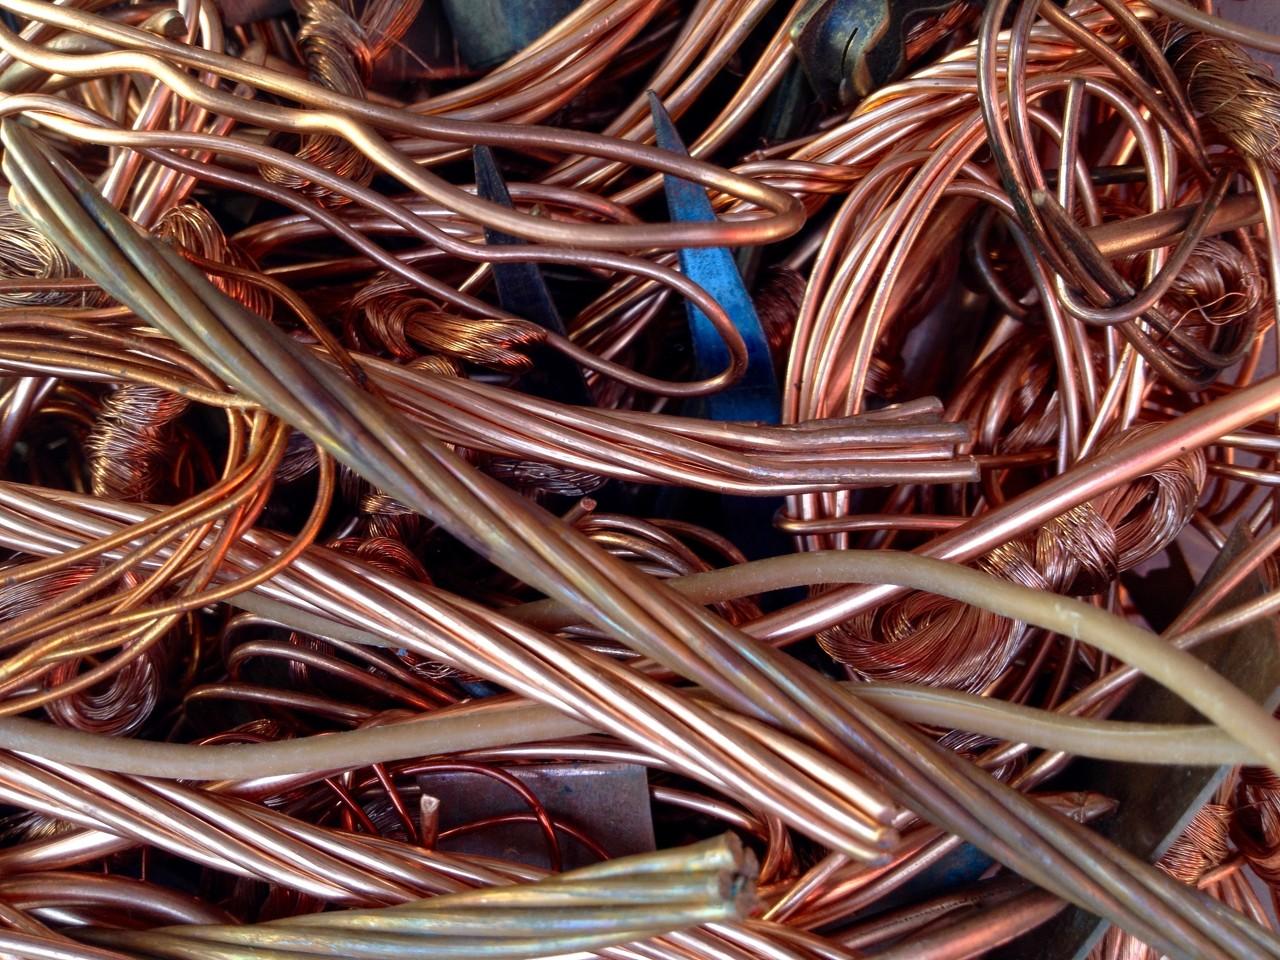 (2021年04月29日)今日國內廢銅回收價格多少錢一噸